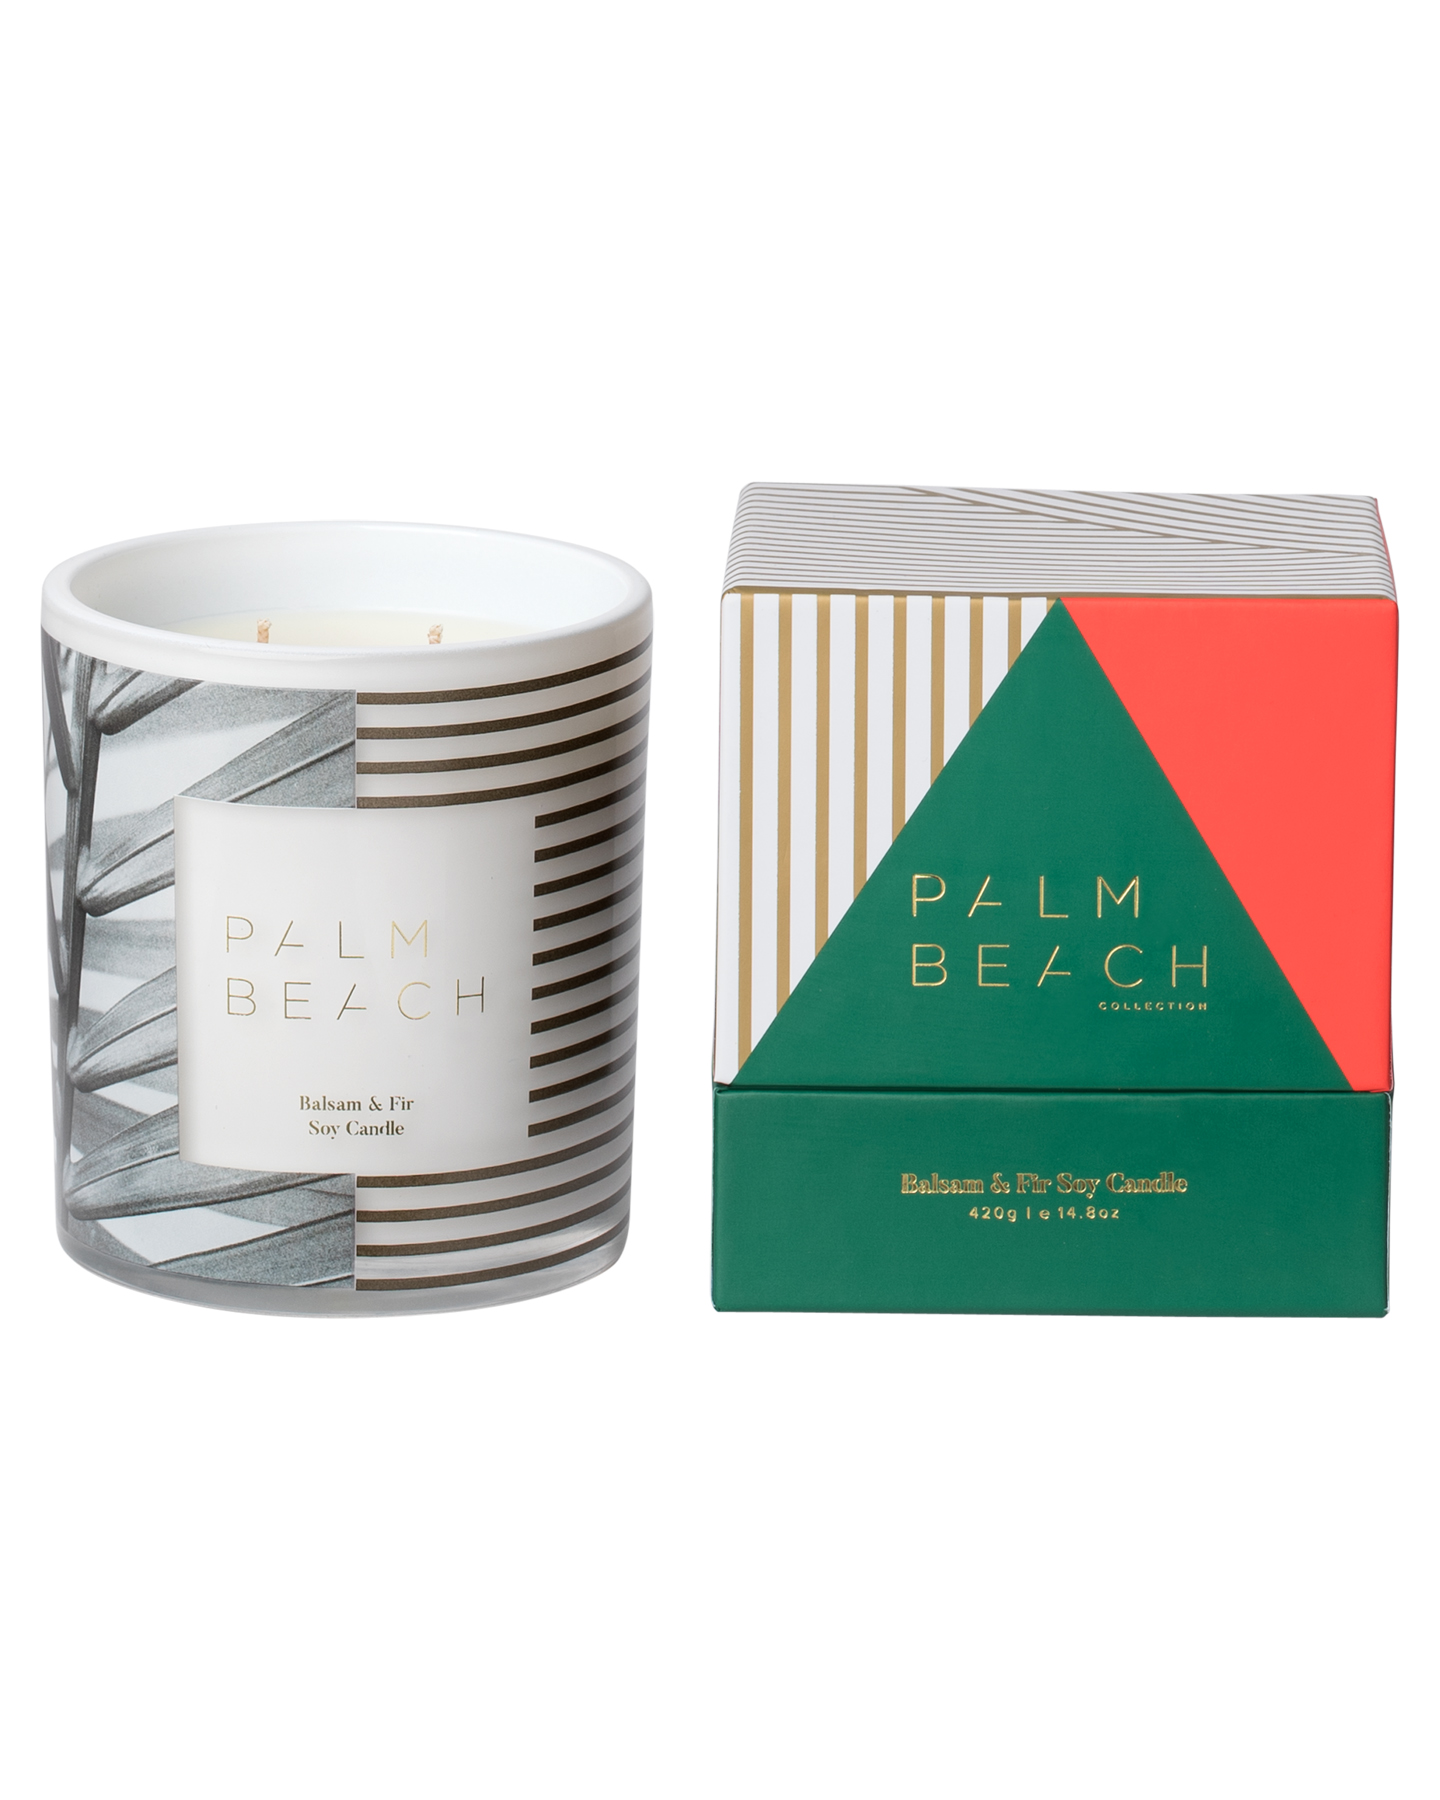 Palm Beach Collection Balsam & Fir Candle Balsam & Fir